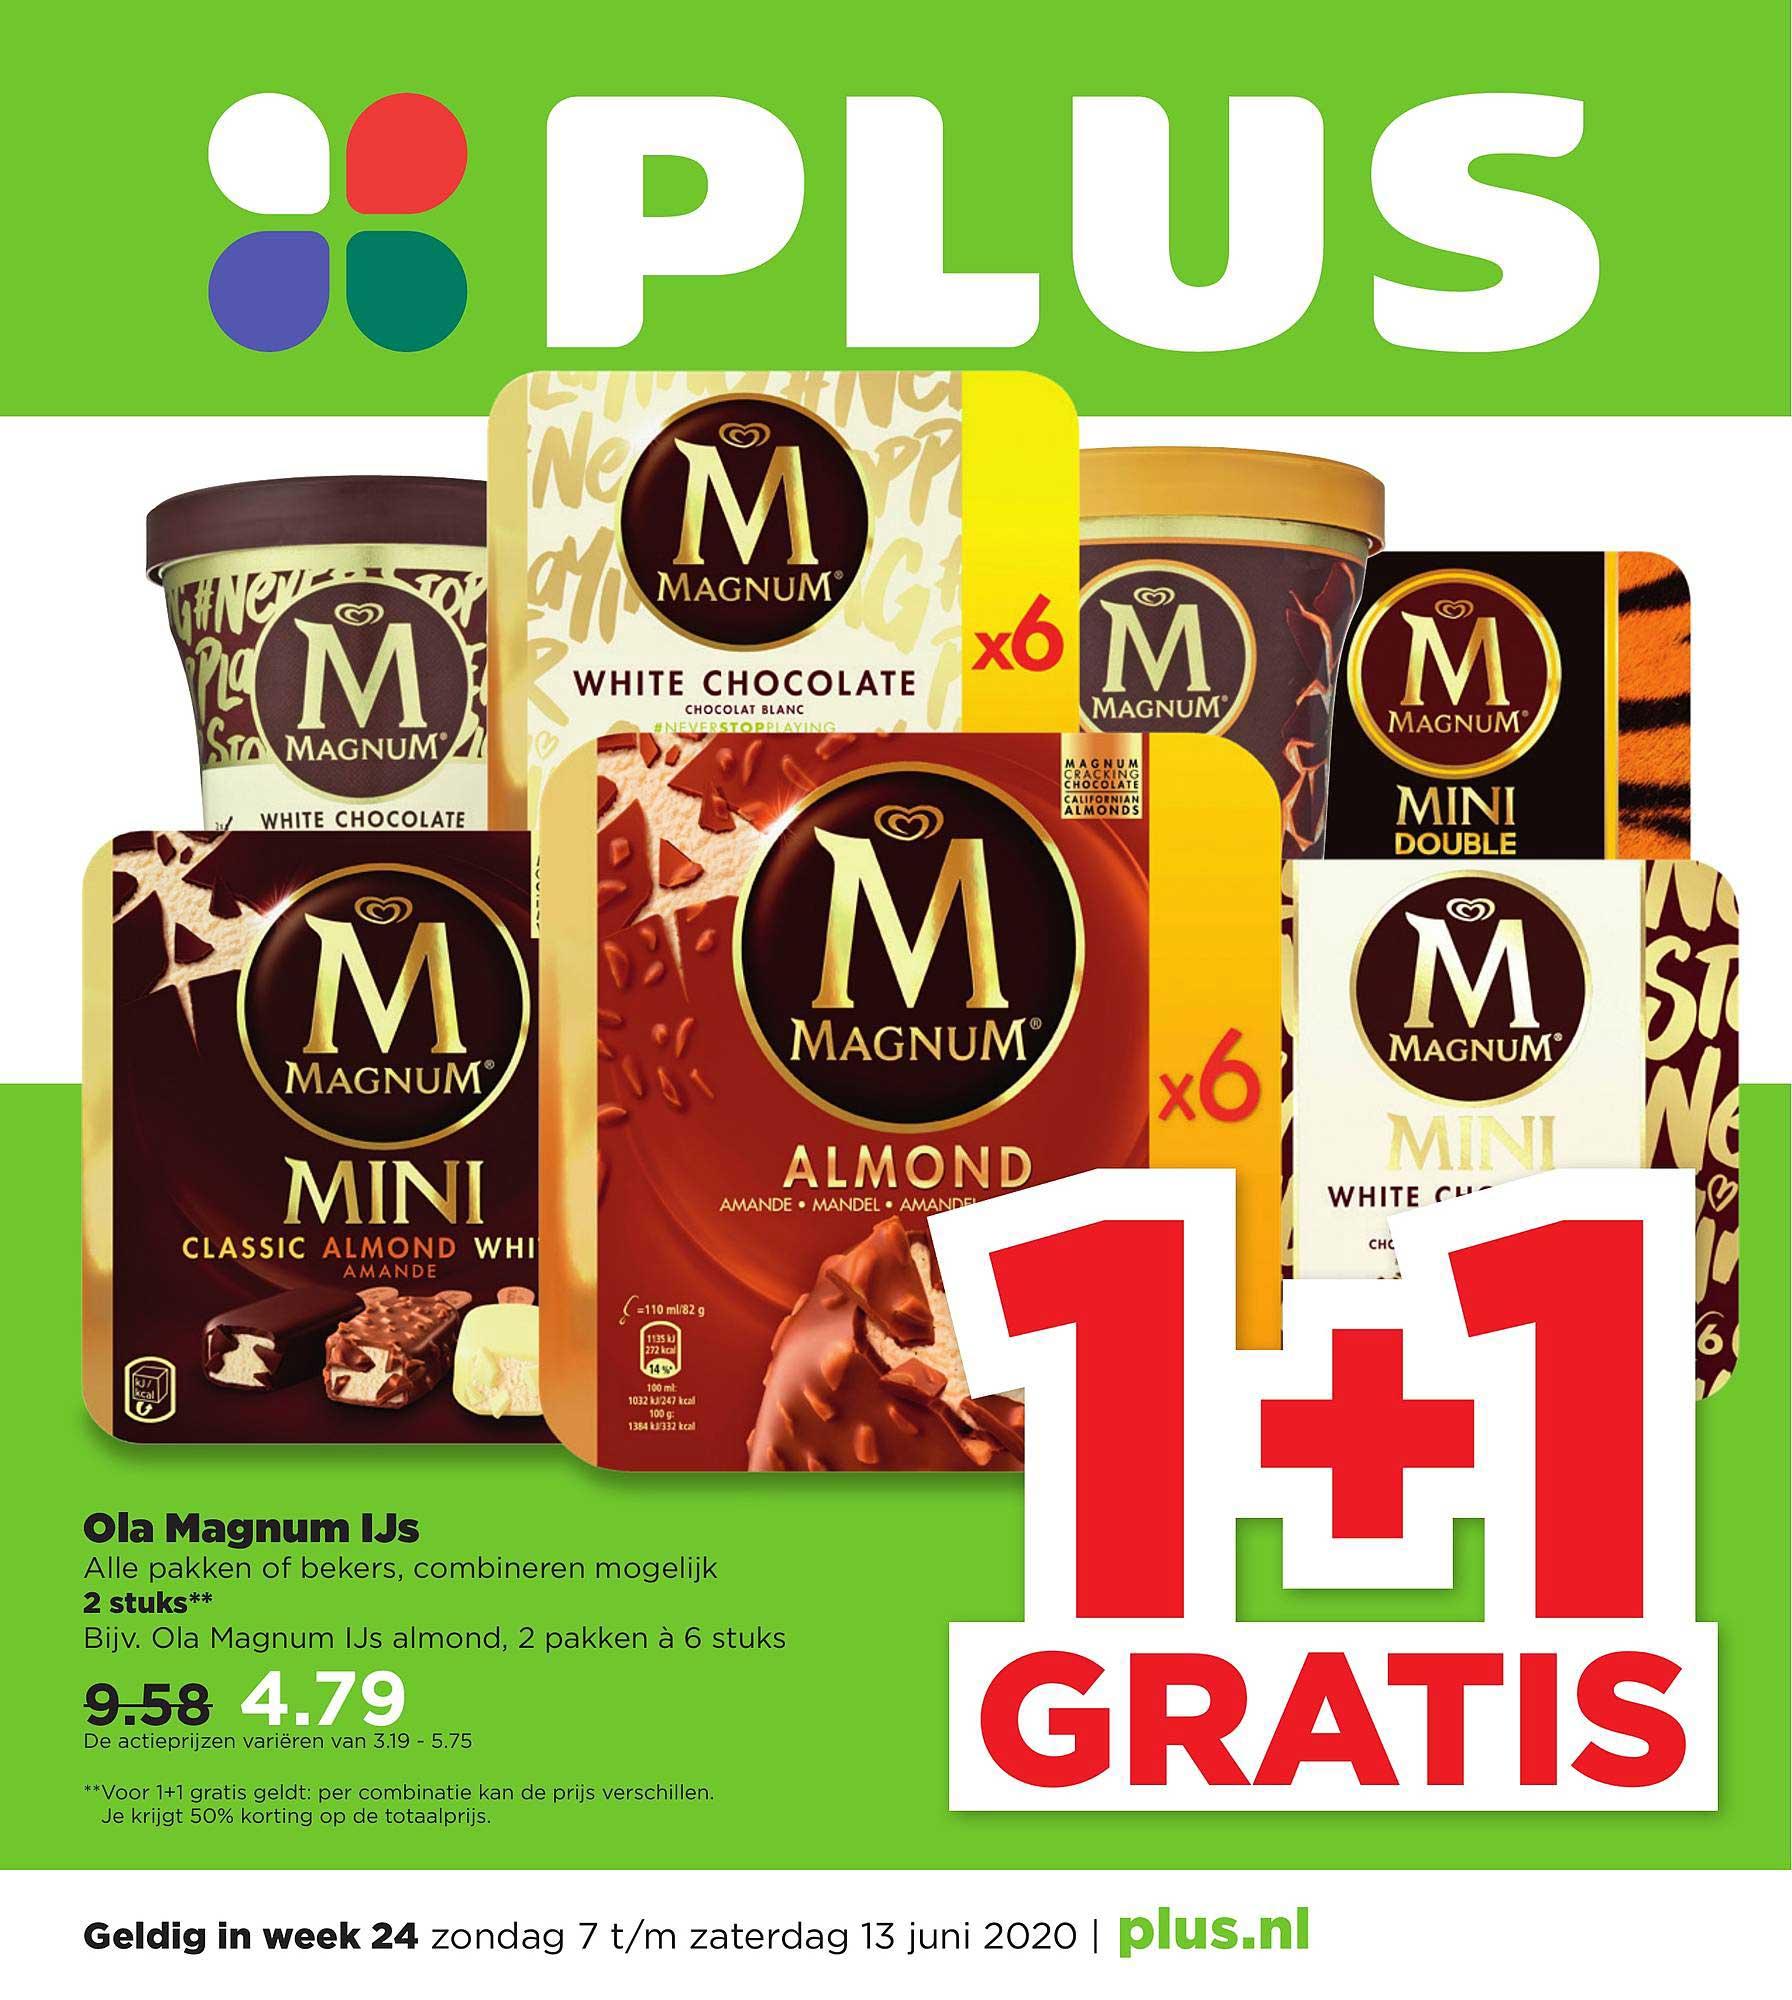 PLUS Ola Magnum Ijs 1+1 Gratis